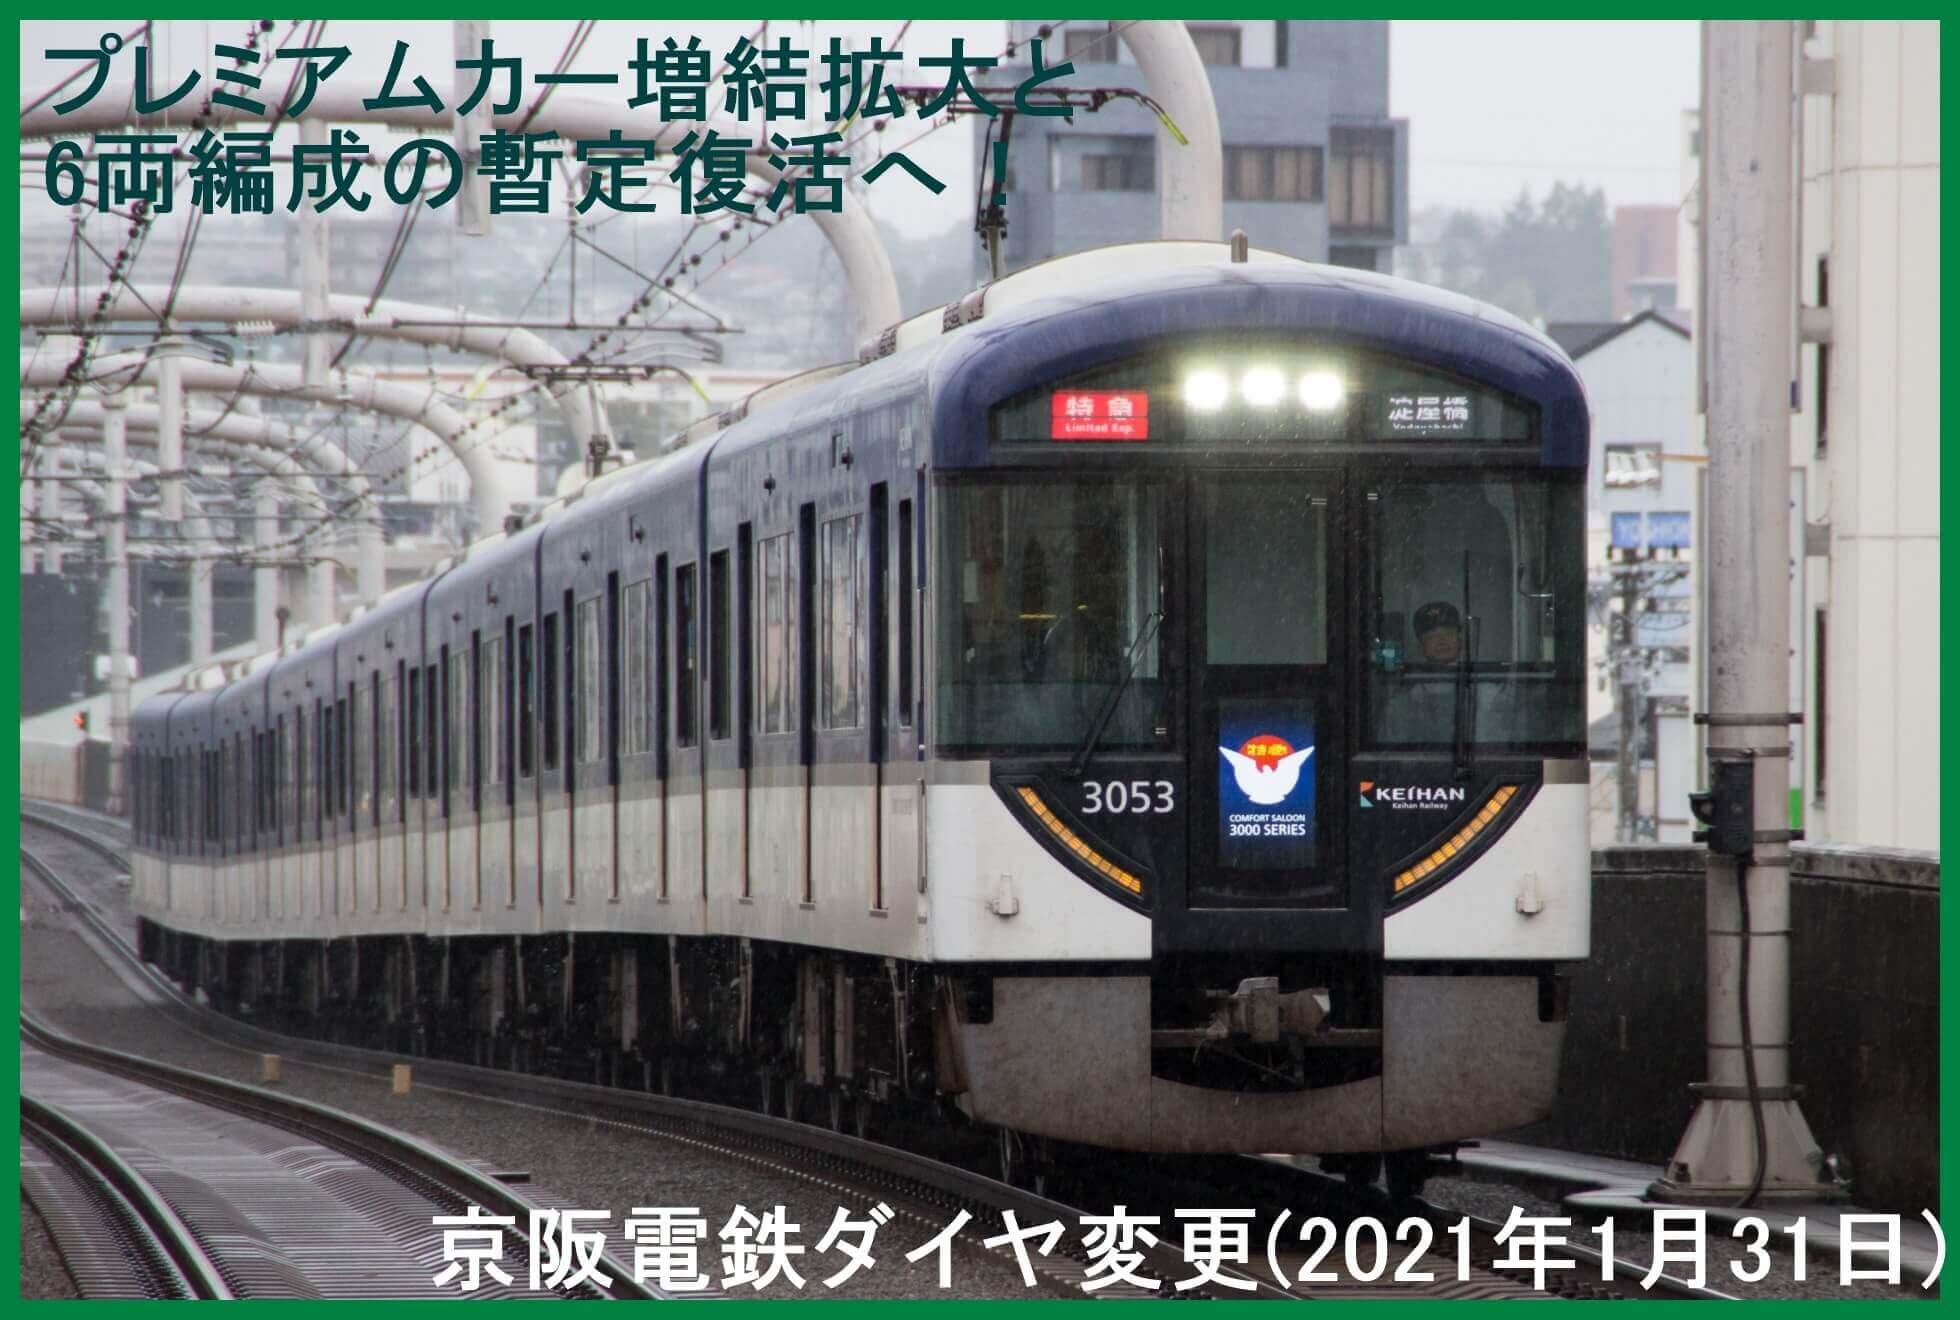 プレミアムカー増結拡大と6両編成の暫定復活へ! 京阪電鉄ダイヤ変更(2021年1月31日)